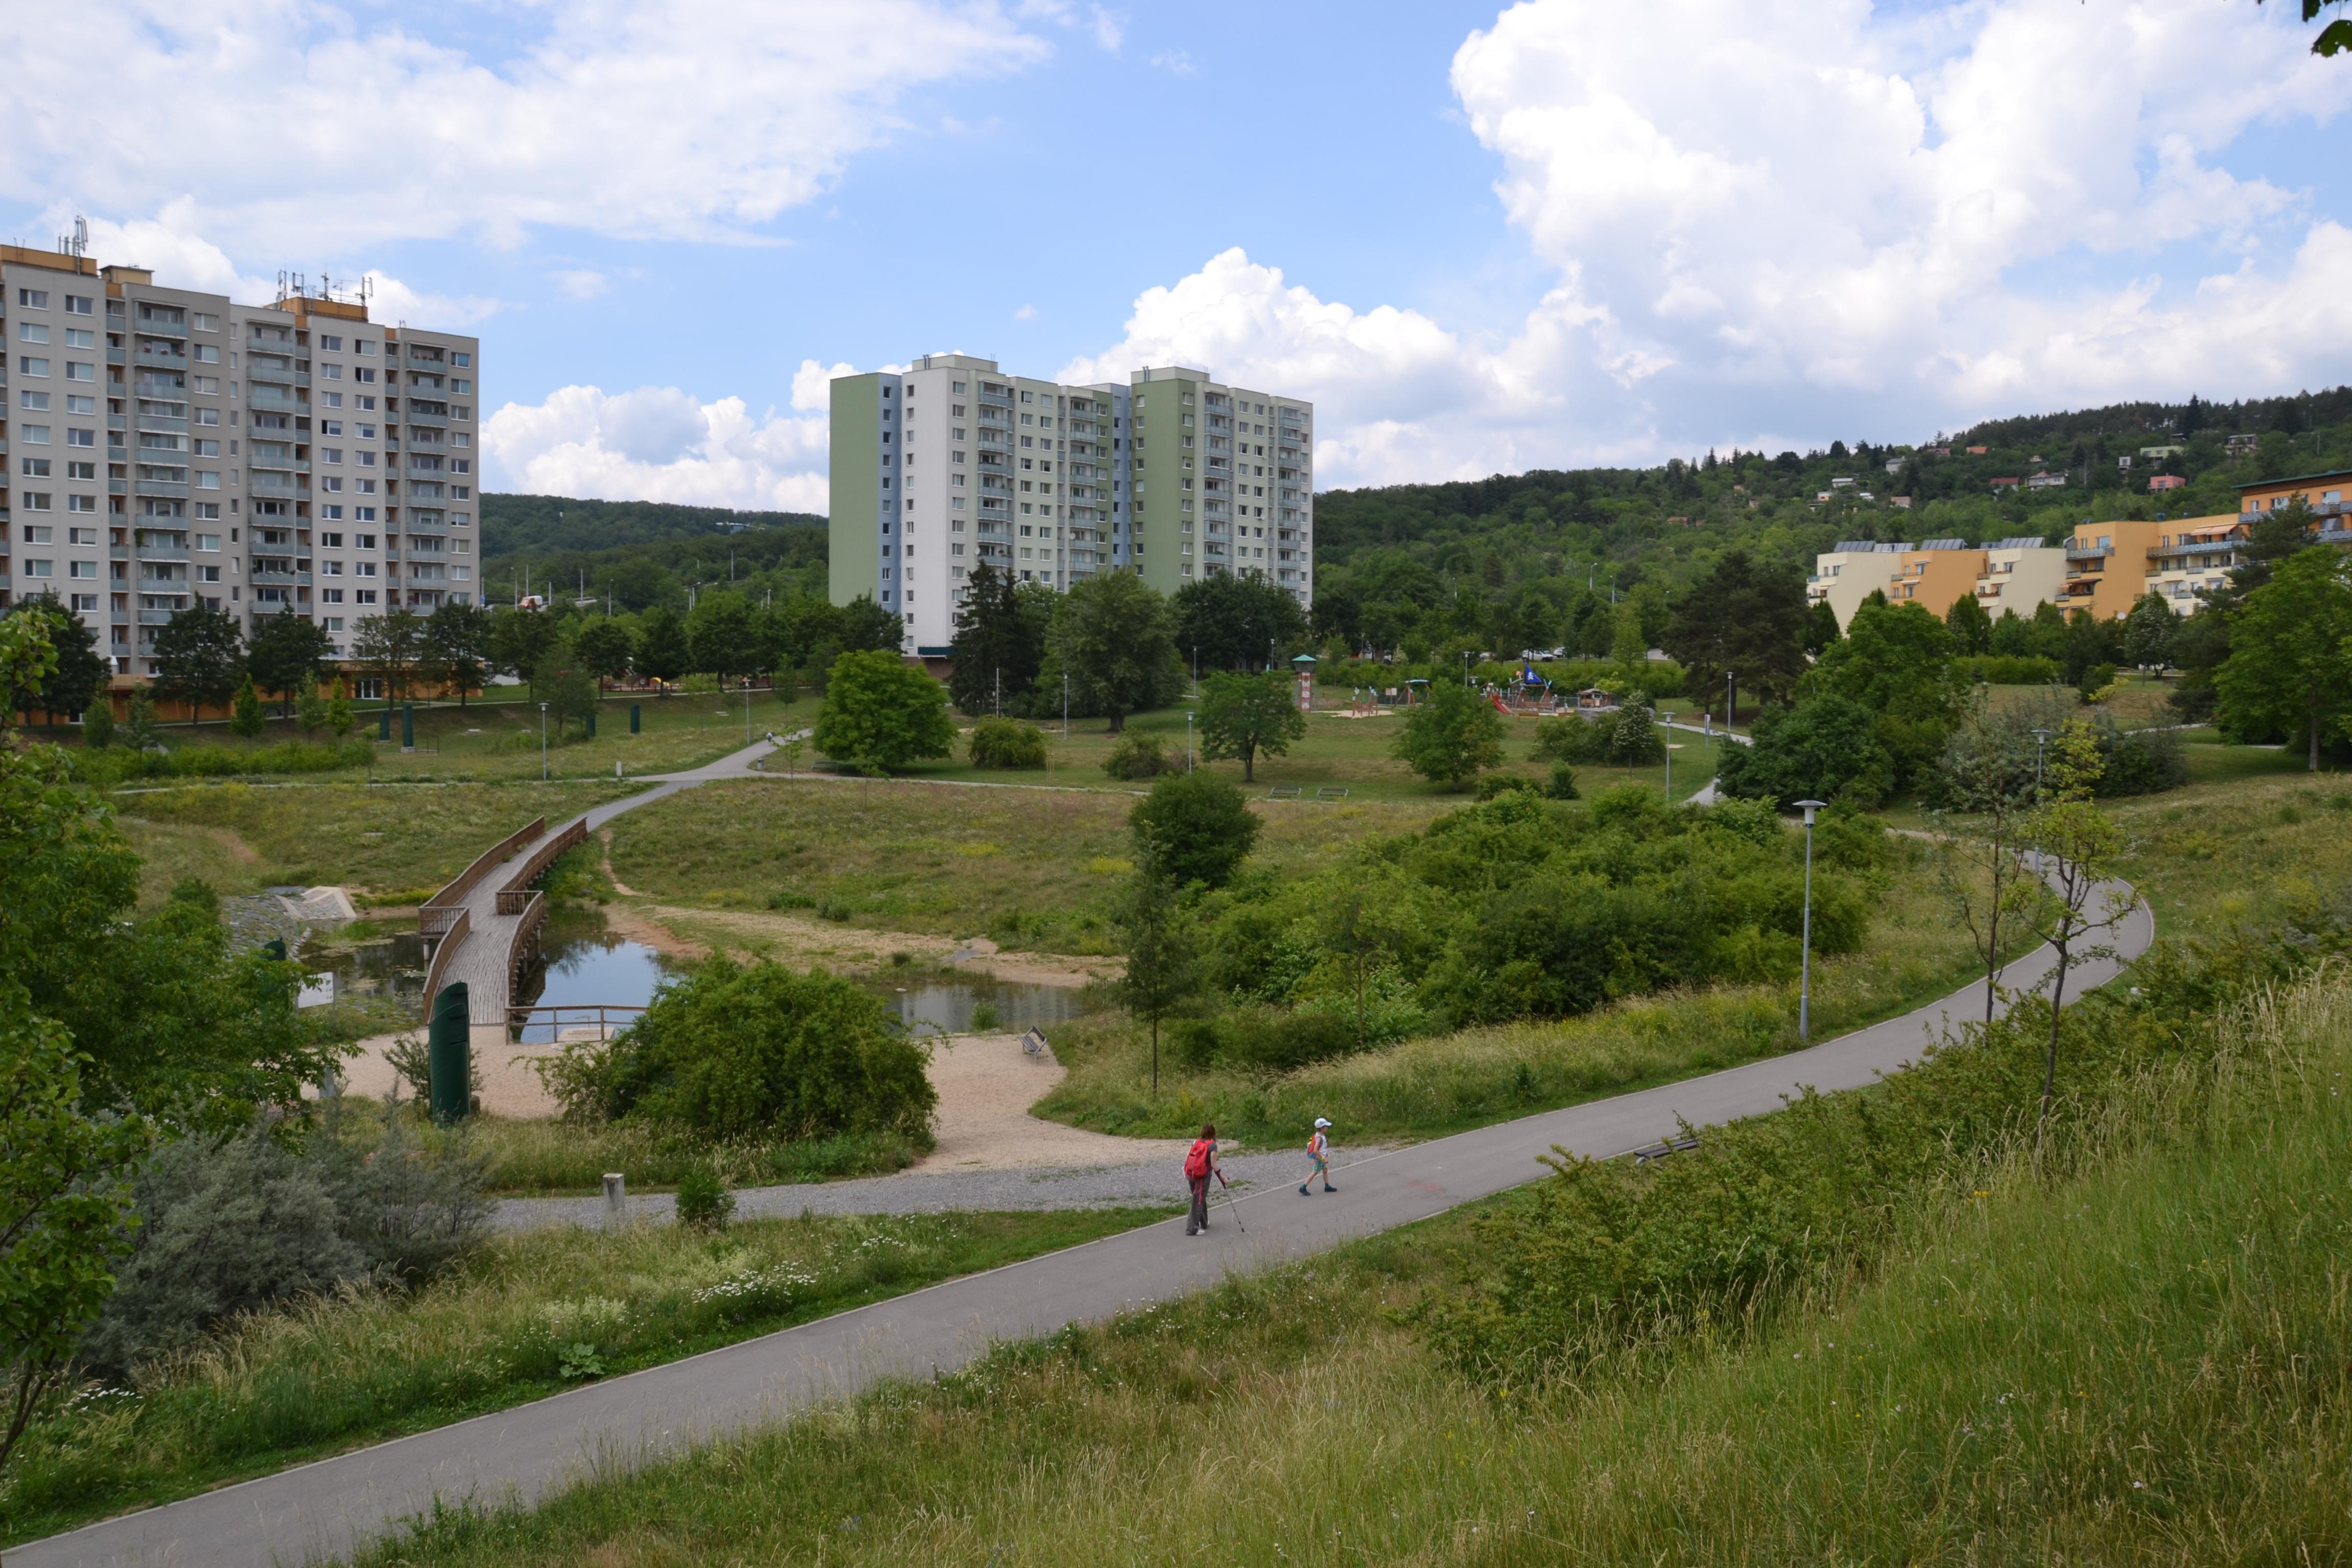 Brno sa o zeleň stará v súlade s prírodou. Boli sme sa inšpirovať